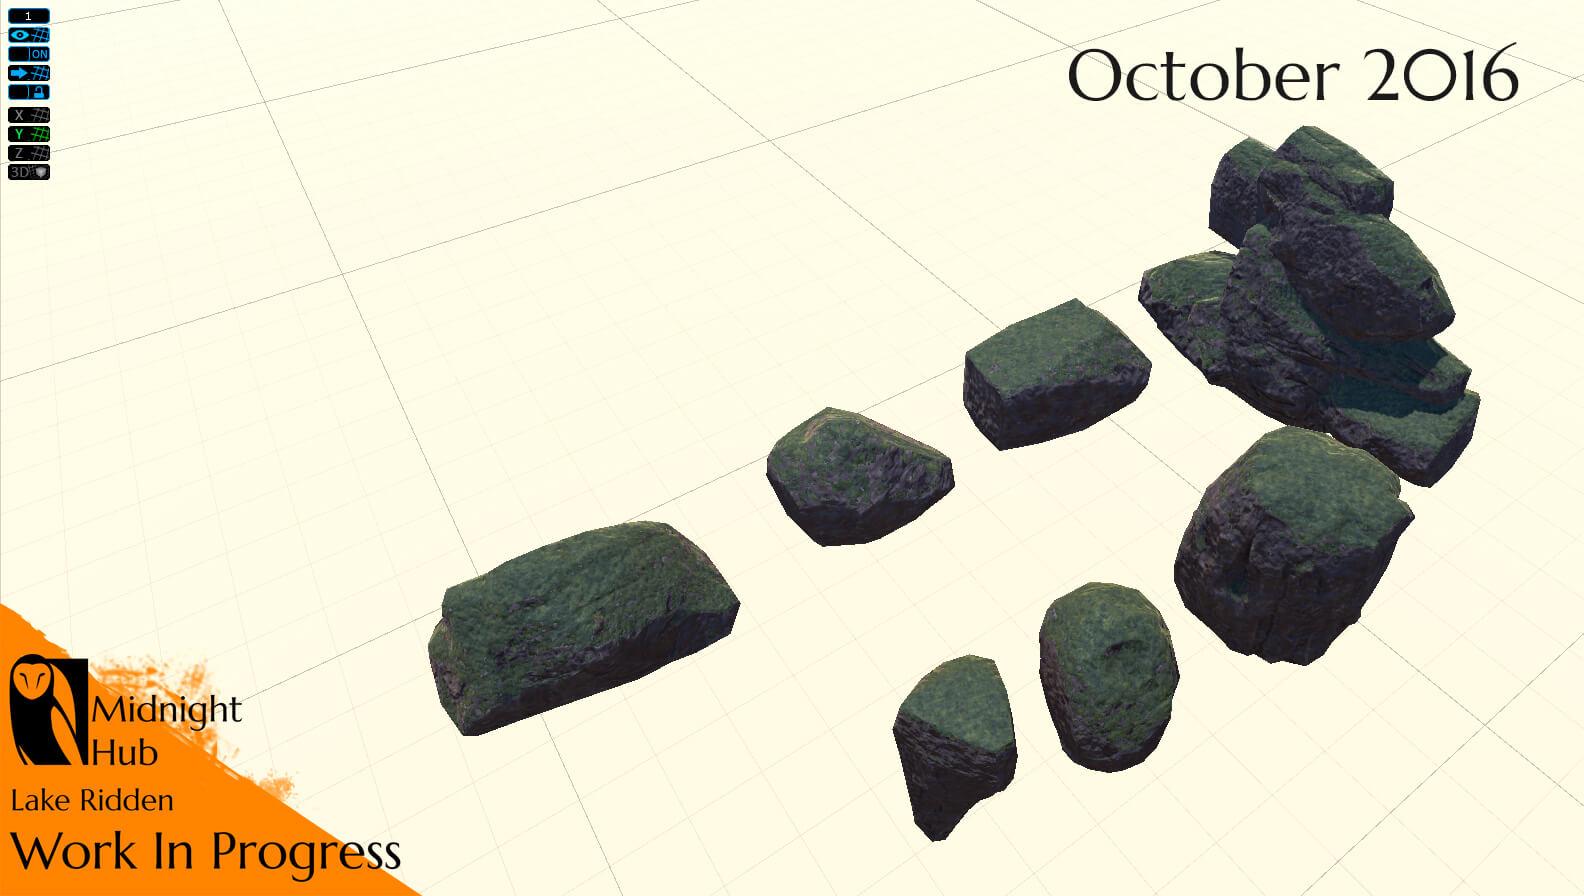 stones1 mh